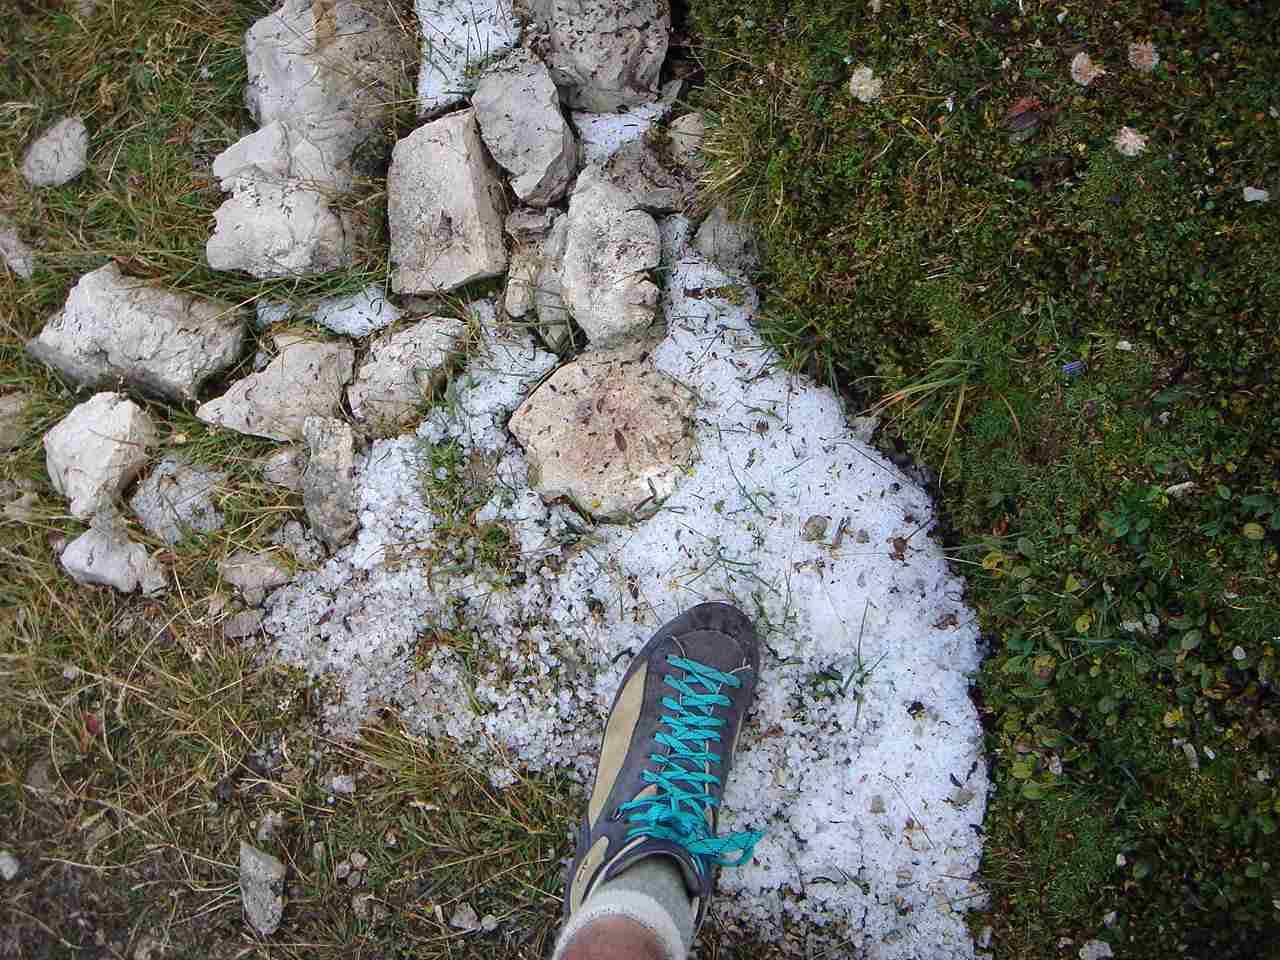 Foto: Manfred Karl / Wander Tour / Monte Cernera (2664m) / Letzte Reste des abendlichen Hagelschauers. / 05.05.2007 19:16:58